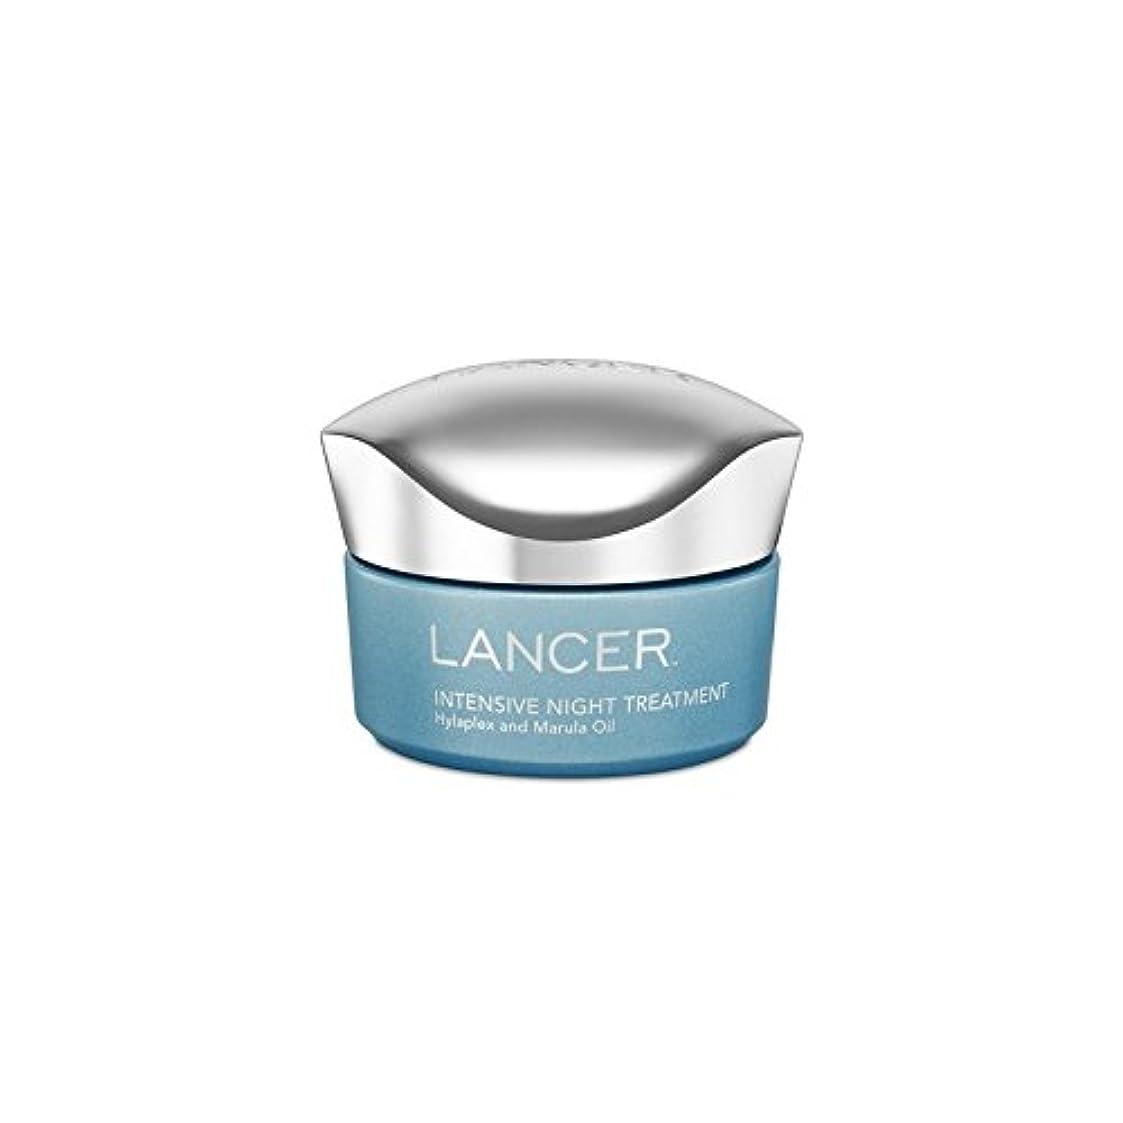 キャンセル手錠滑り台Lancer Skincare Intensive Night Treatment (50ml) (Pack of 6) - ランサースキンケア集中的な夜の治療(50ミリリットル) x6 [並行輸入品]